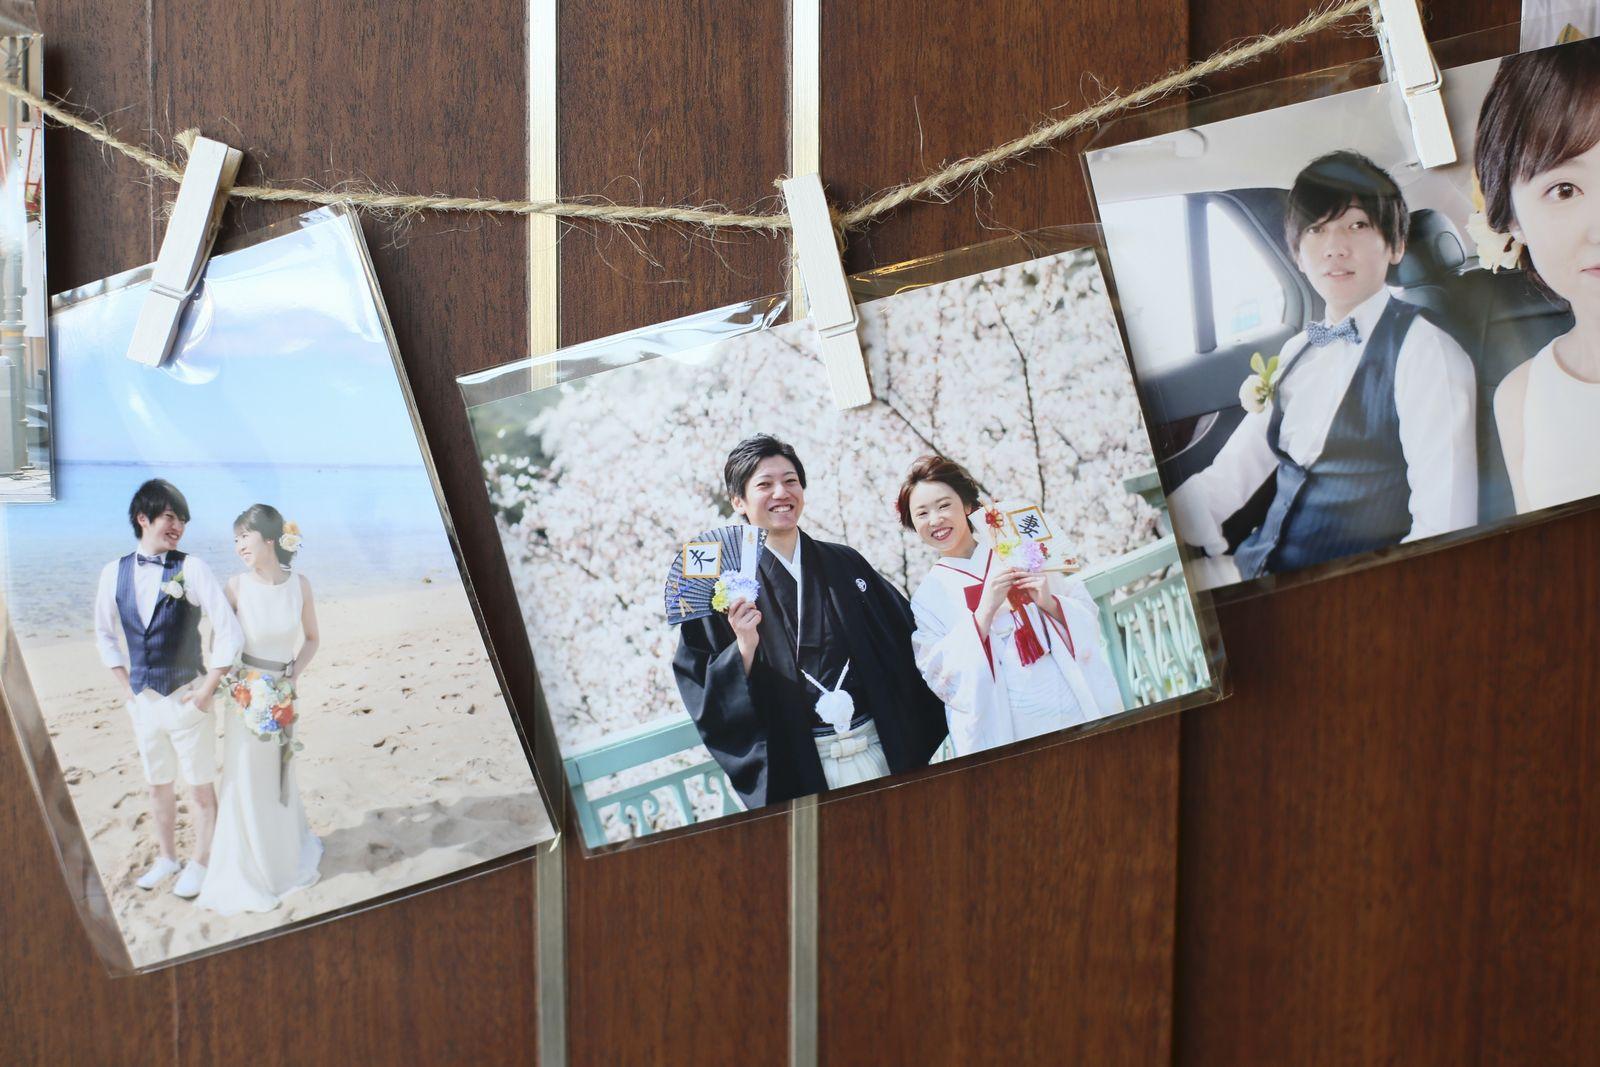 徳島市の結婚式場ブランアンジュで新婦新婦様の前撮りフォト